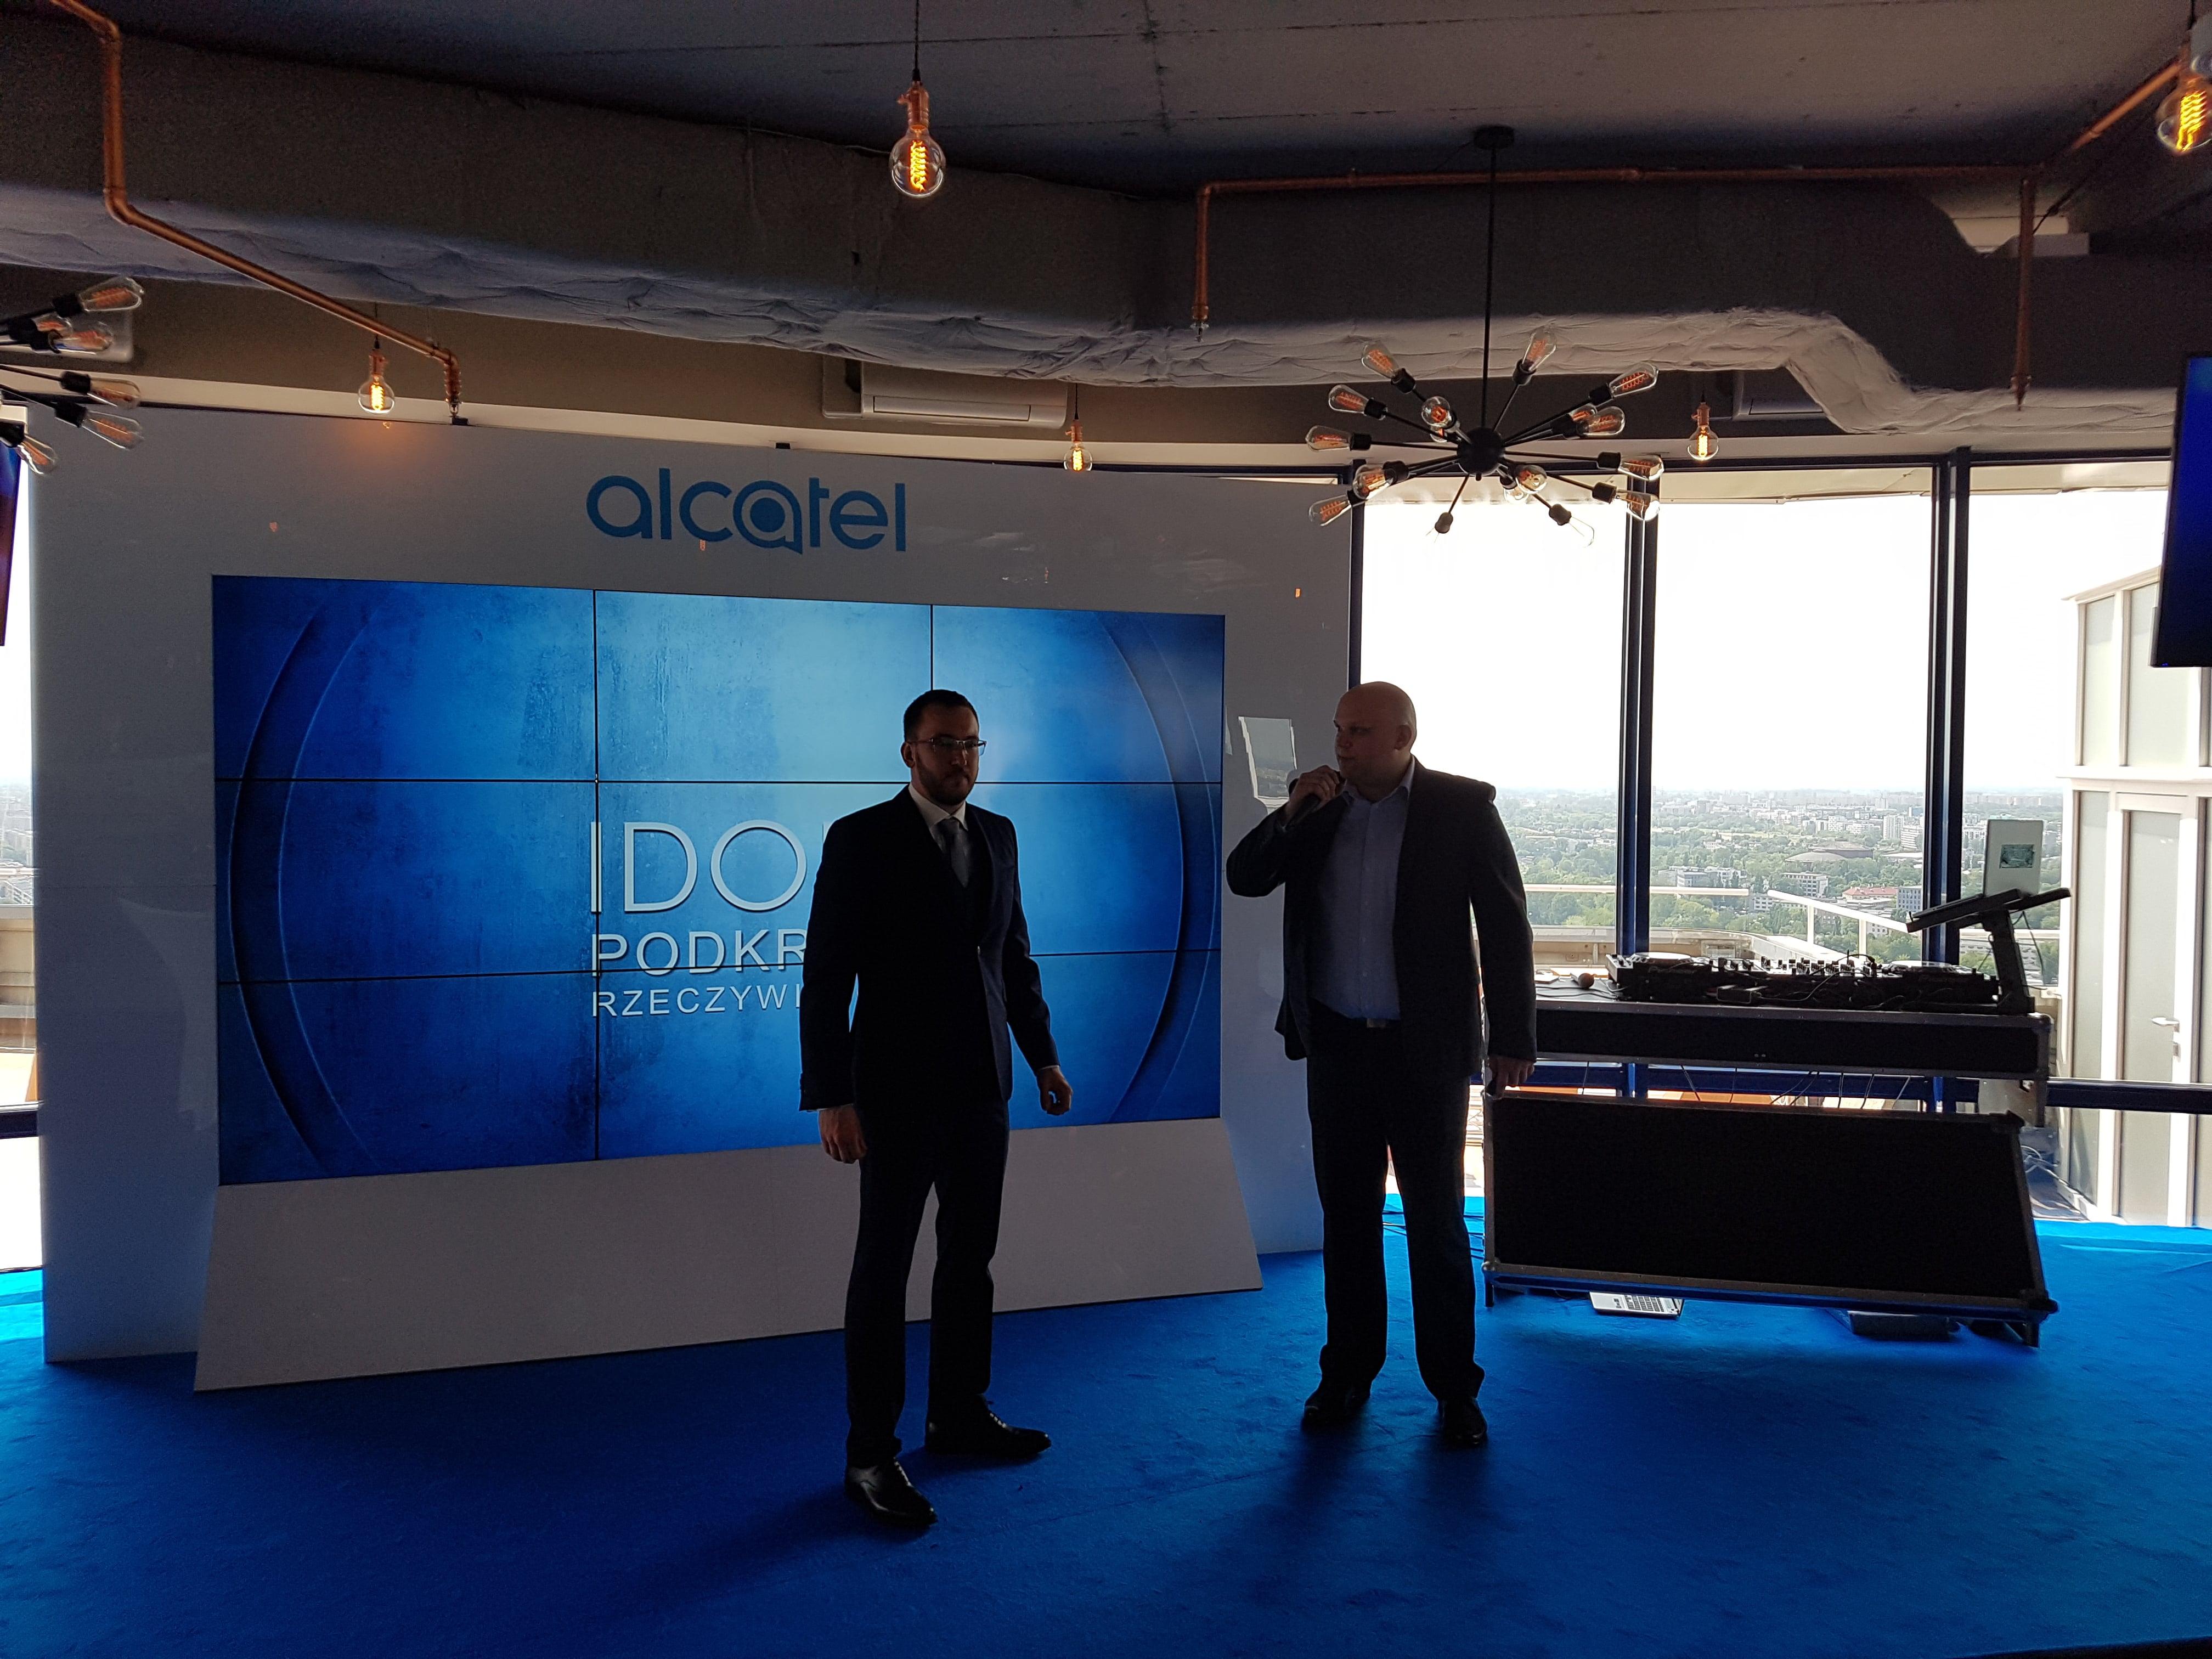 Dwa potencjalne hity Alcatela - Idol 4 i Idol 4S - oficjalnie zapowiedziane w Polsce 29